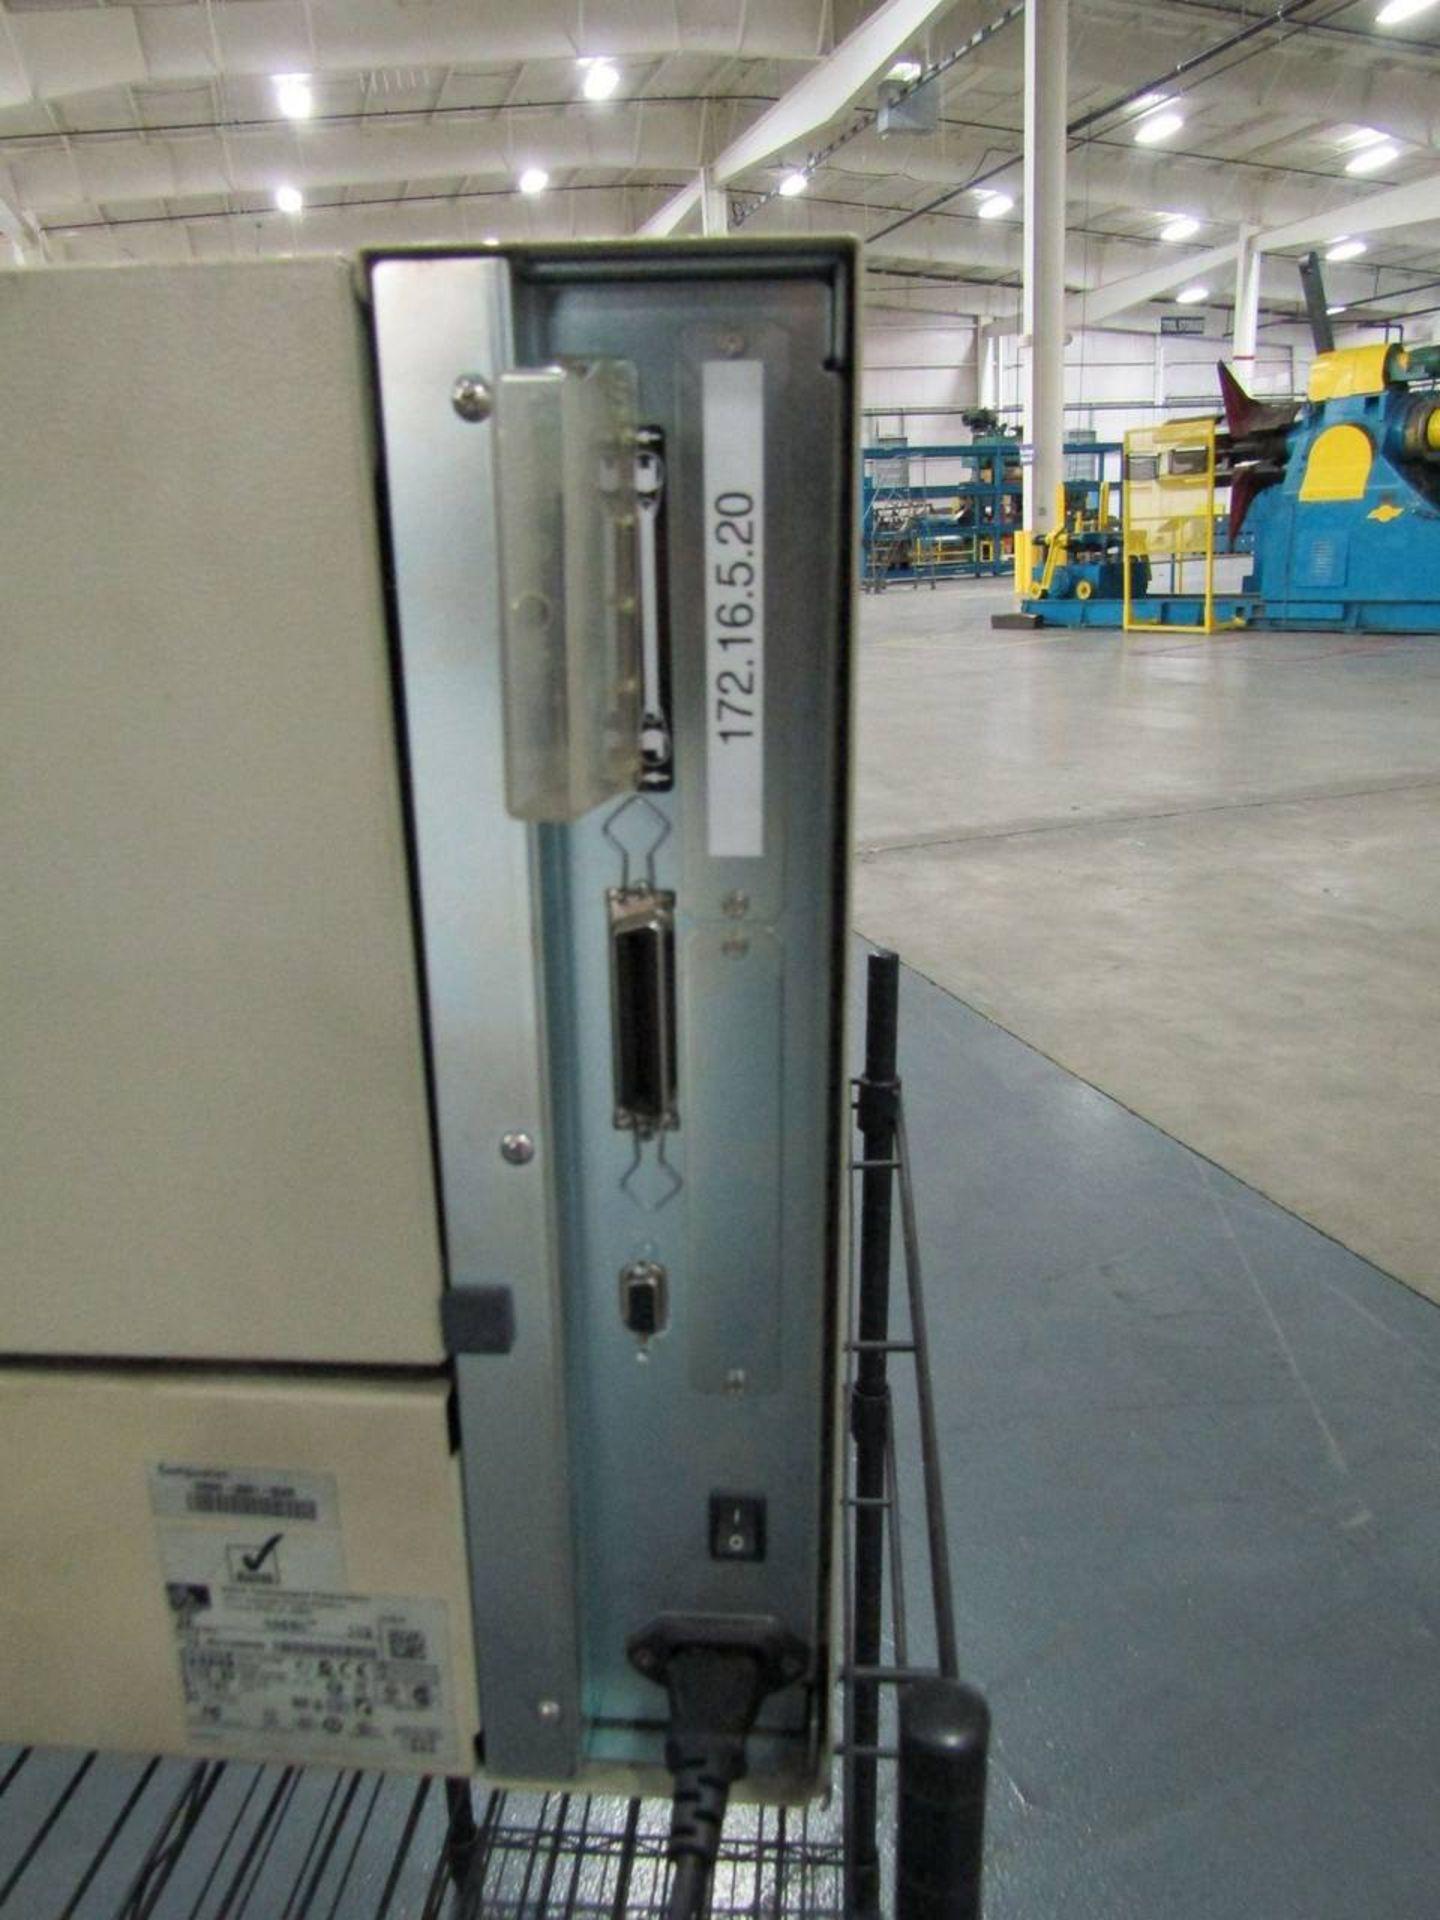 Zebra 105SL Thermal Label Printer - Image 2 of 3